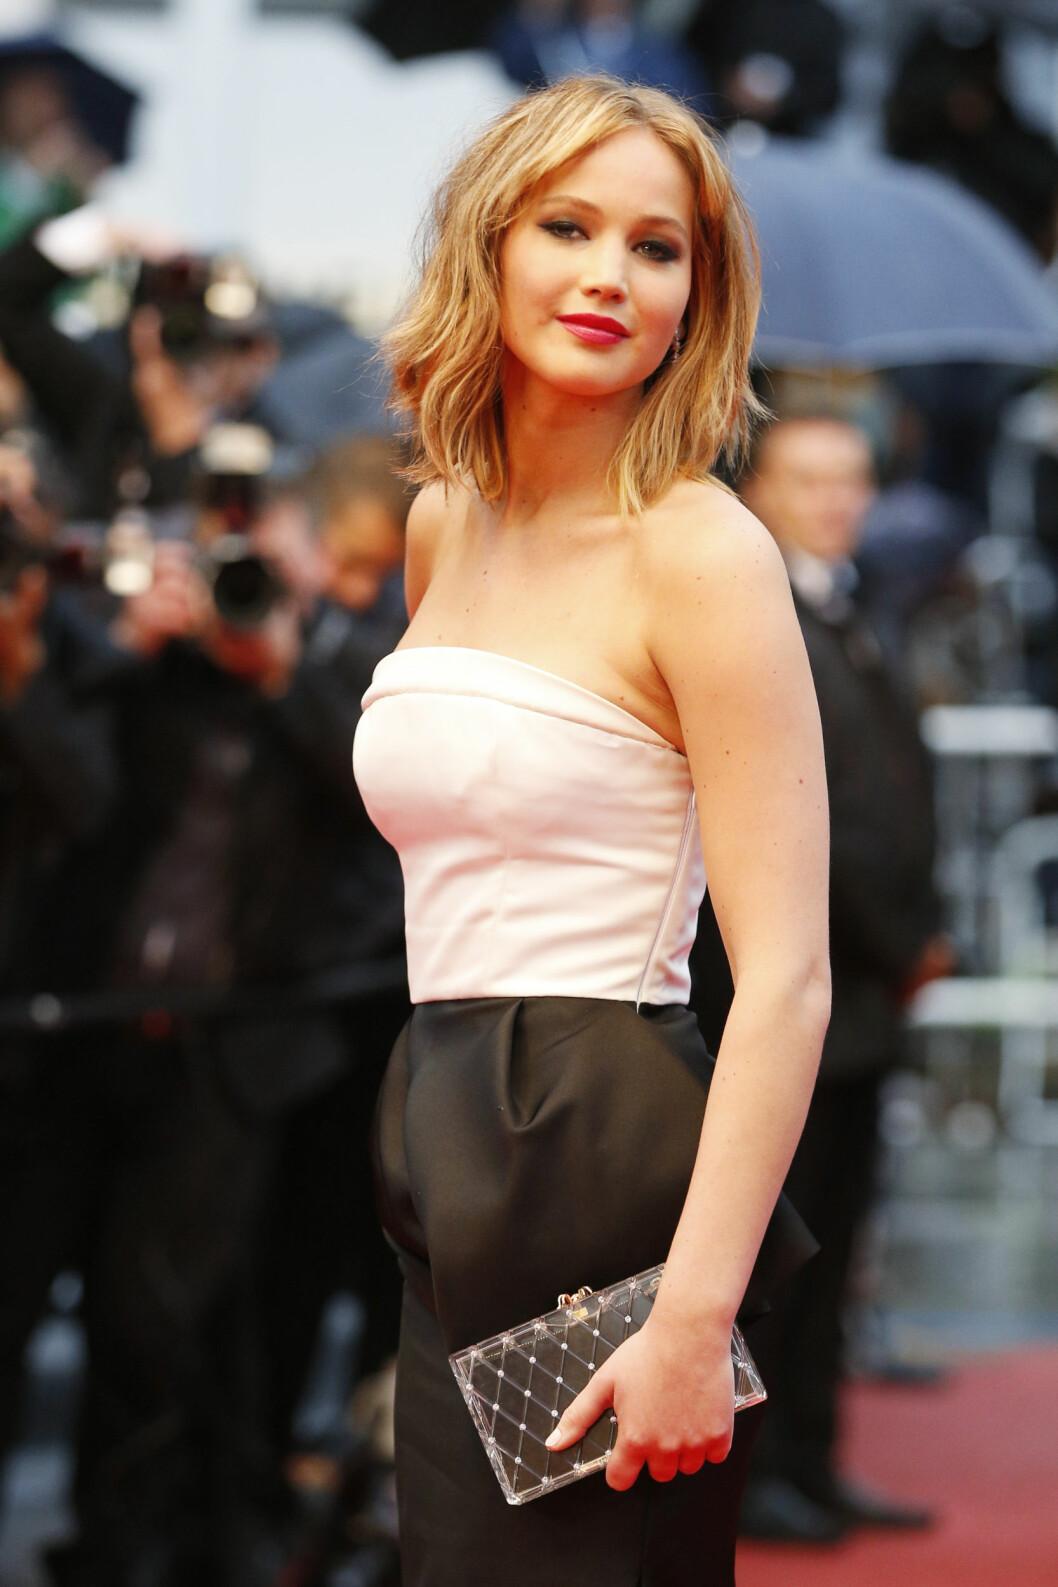 OSCAR-VINNER: Lawrence har vunnet Oscar for sin rolle i filmen Silver Linings Playbook. Foto: FameFlynet